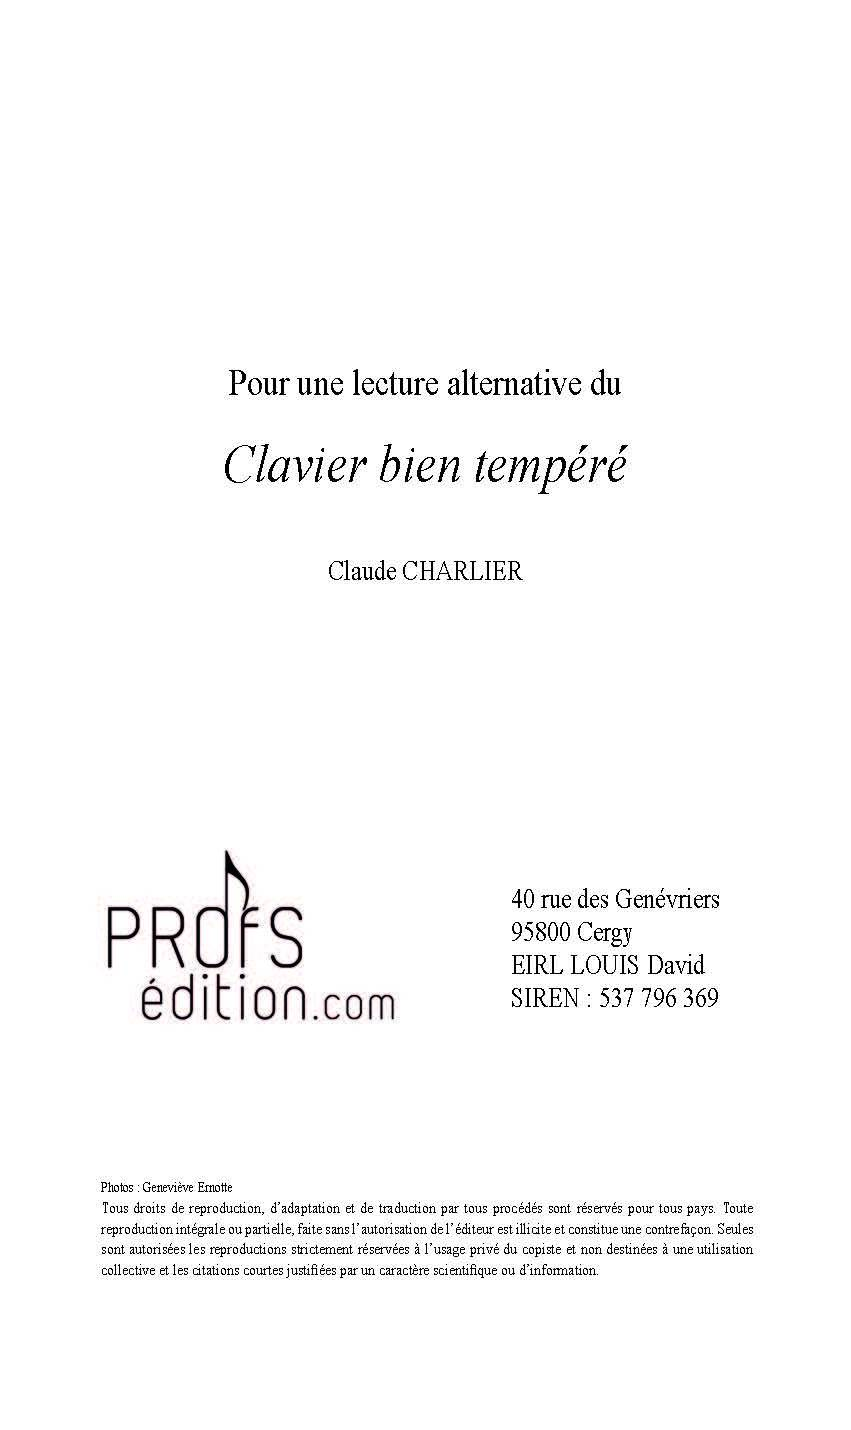 Pour une lecture alternative du Clavier Bien Tempéré - Analyse - CHARLIER C. - page de garde